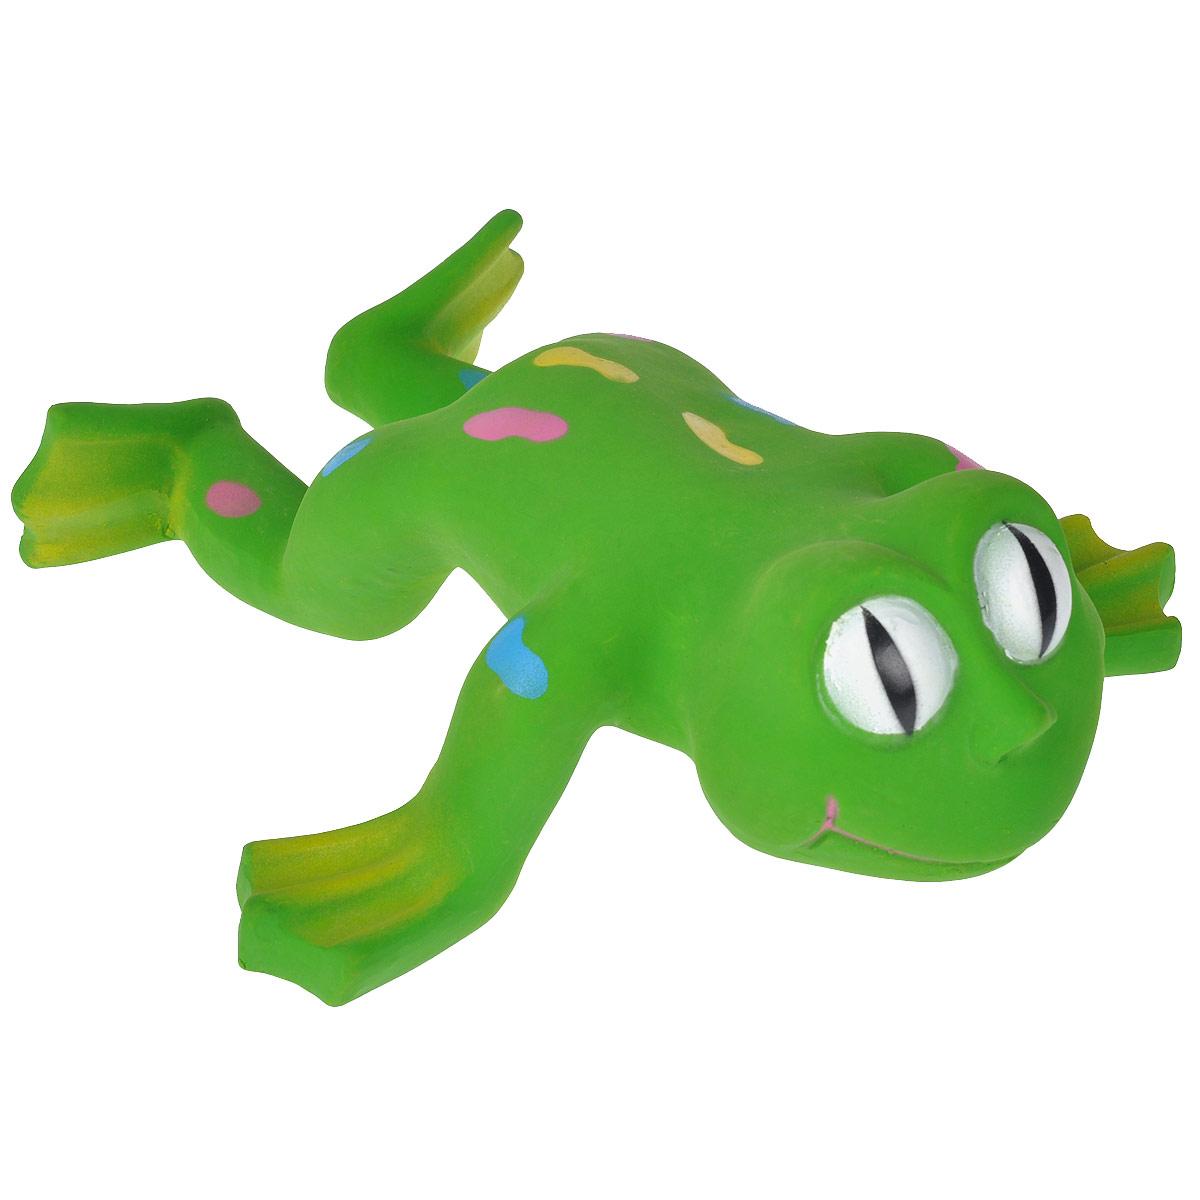 Игрушка для собак I.P.T.S. Лягушка620804Игрушка для собак I.P.T.S. Лягушка изготовлена излатекса в виде большой лягушки с цветными пятнами на спине, с пищалкой внутри. Предназначена для игр с собаками разных возрастов. Такая игрушка привлечет внимание вашего любимца и не оставит его равнодушным. Длина: 24 см.